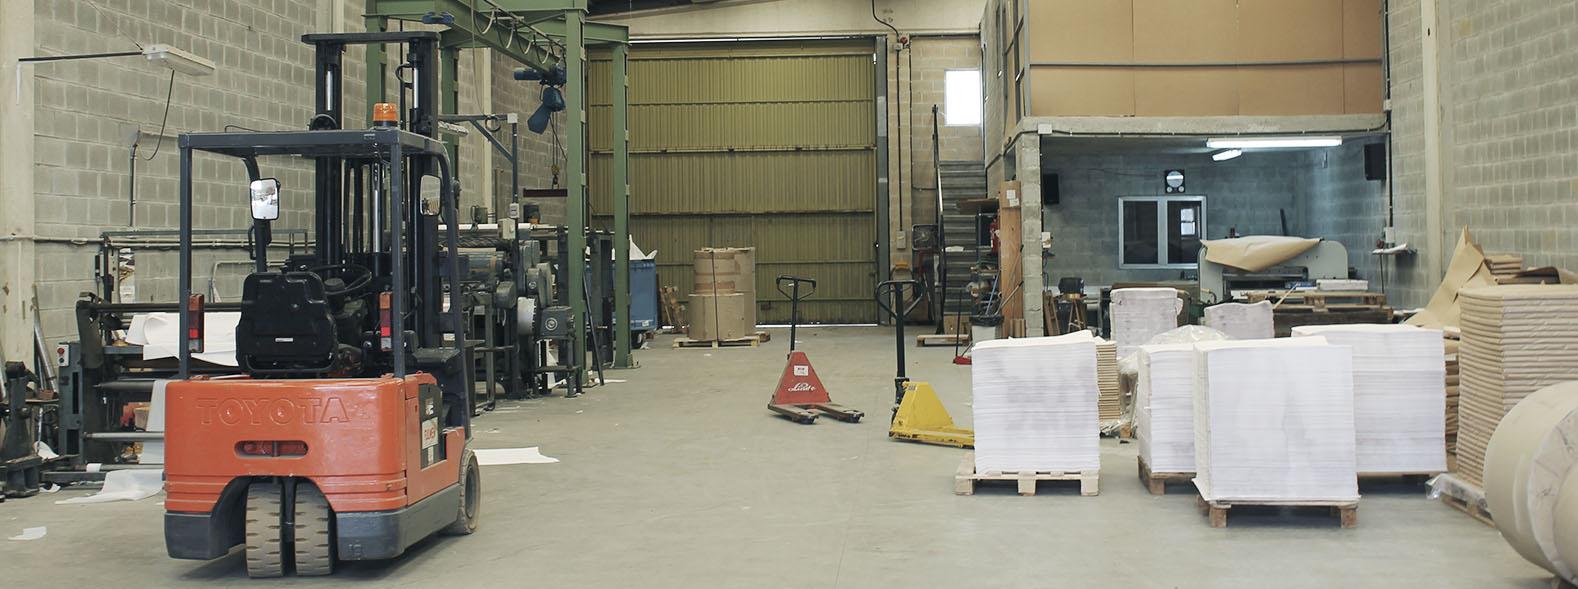 taller de agrupacion industrial